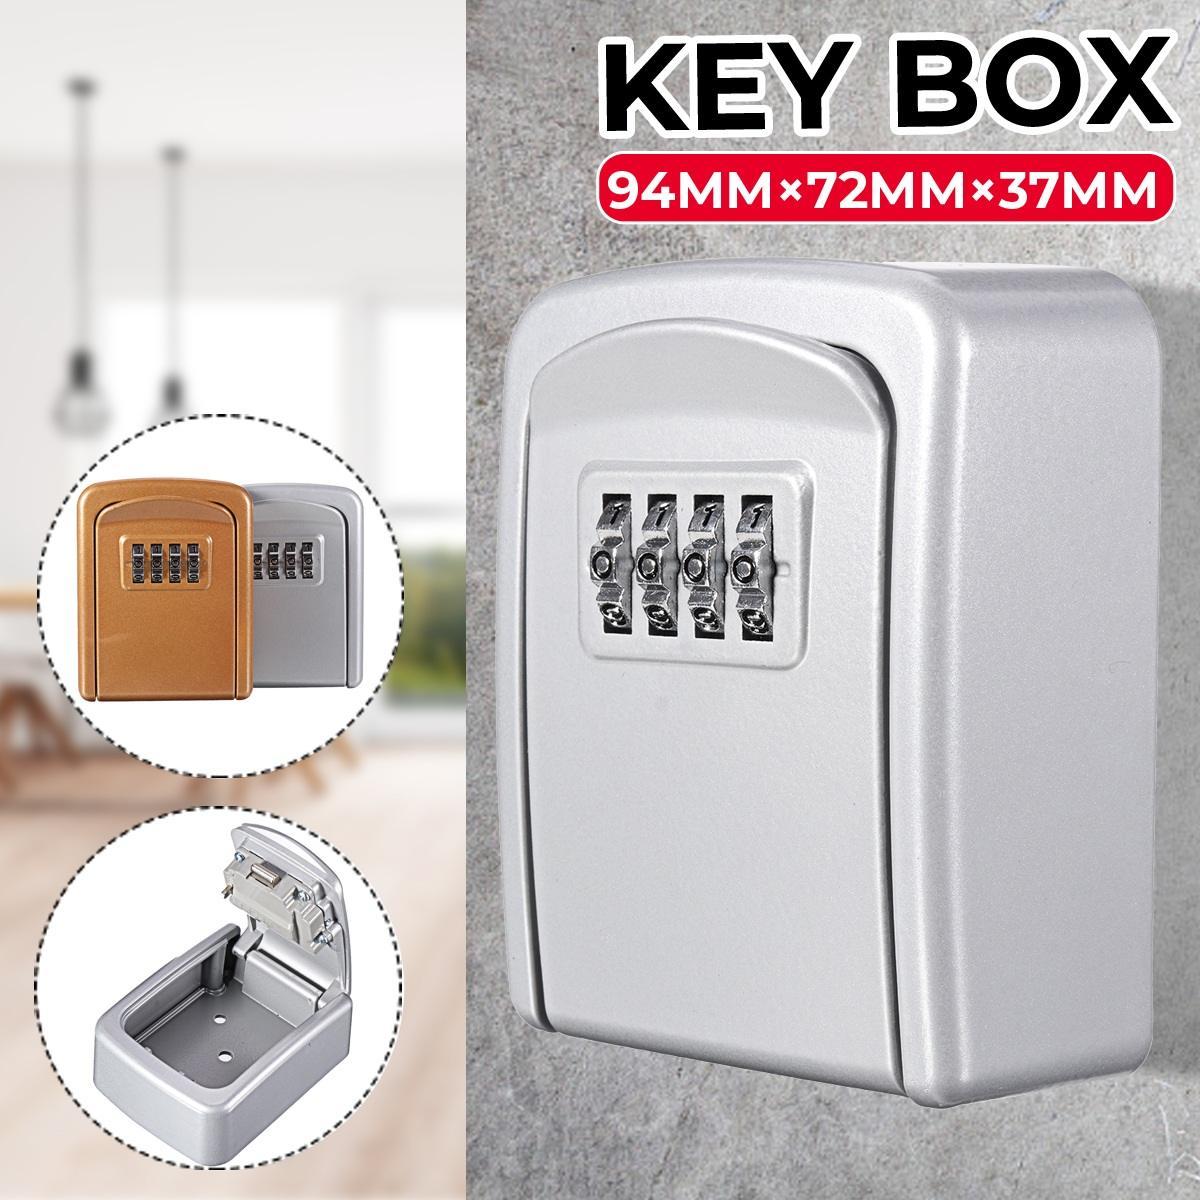 Замок для ключей, настенный, цинковый сплав, сейф для ключей, защита от атмосферных воздействий, 4 цифры, Комбинированный Замок для хранения ...